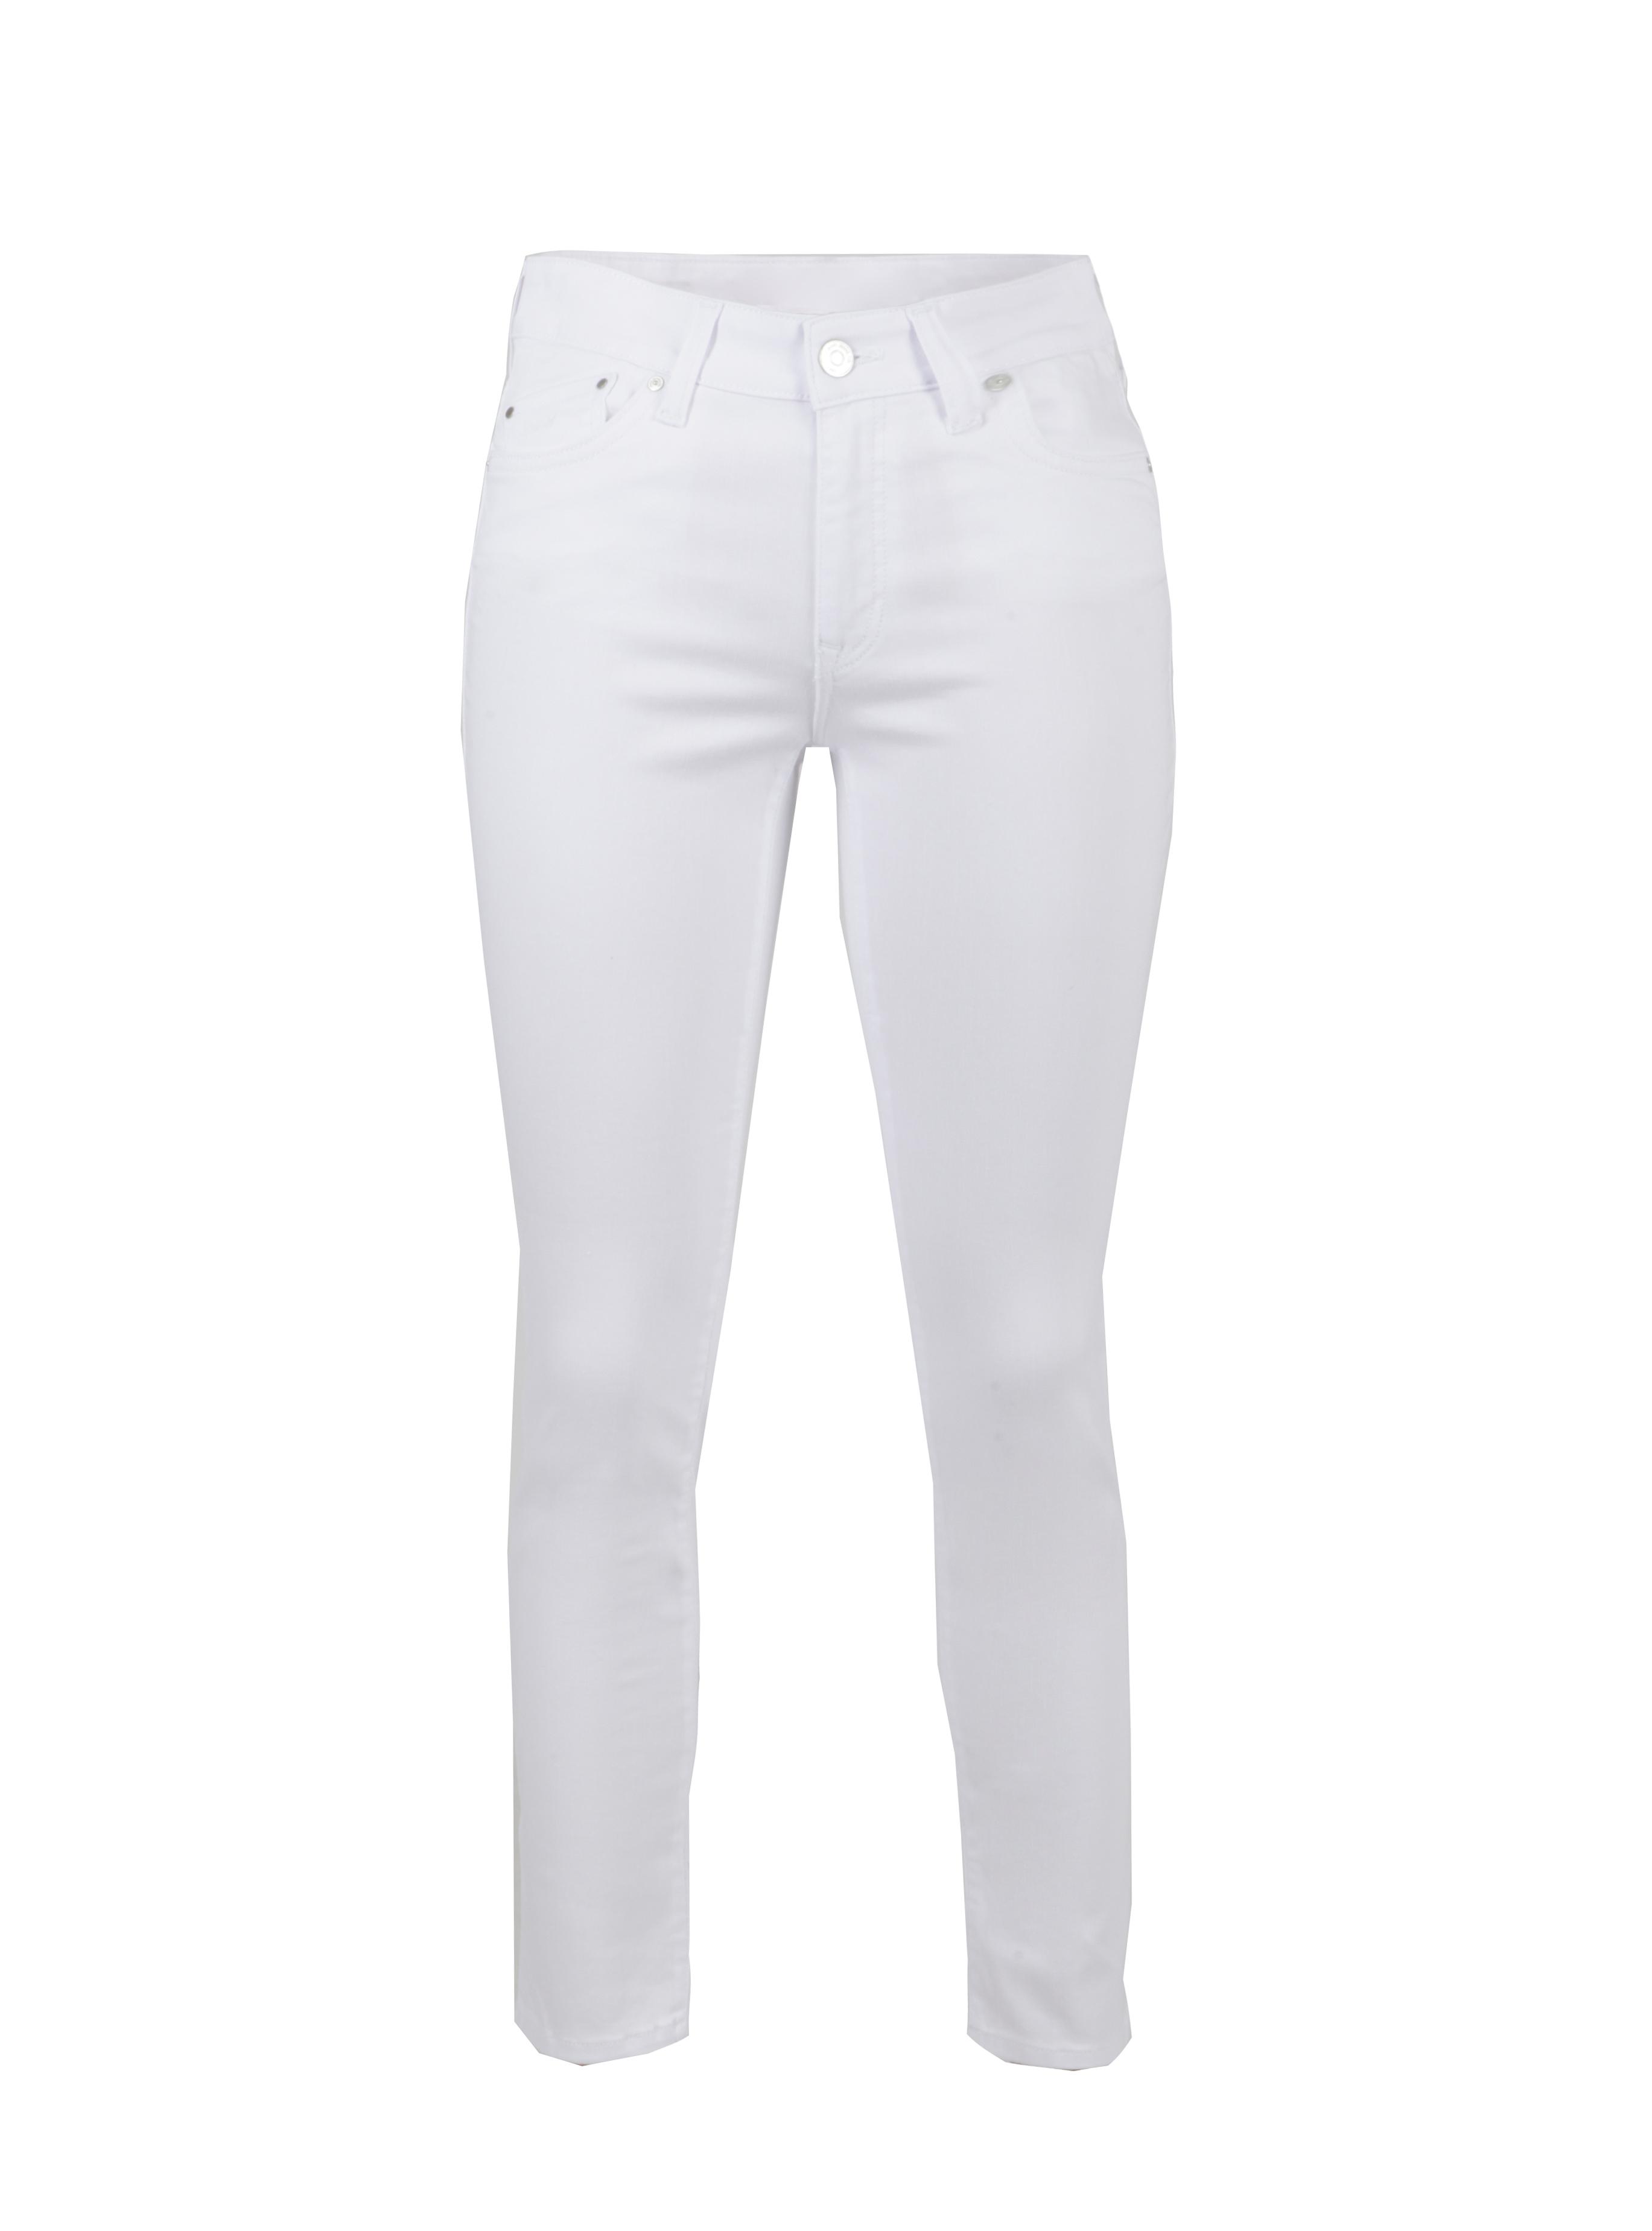 High Waist Skinny Jeans Lucy ist einer weißen Waschung bei Mavi Jeans